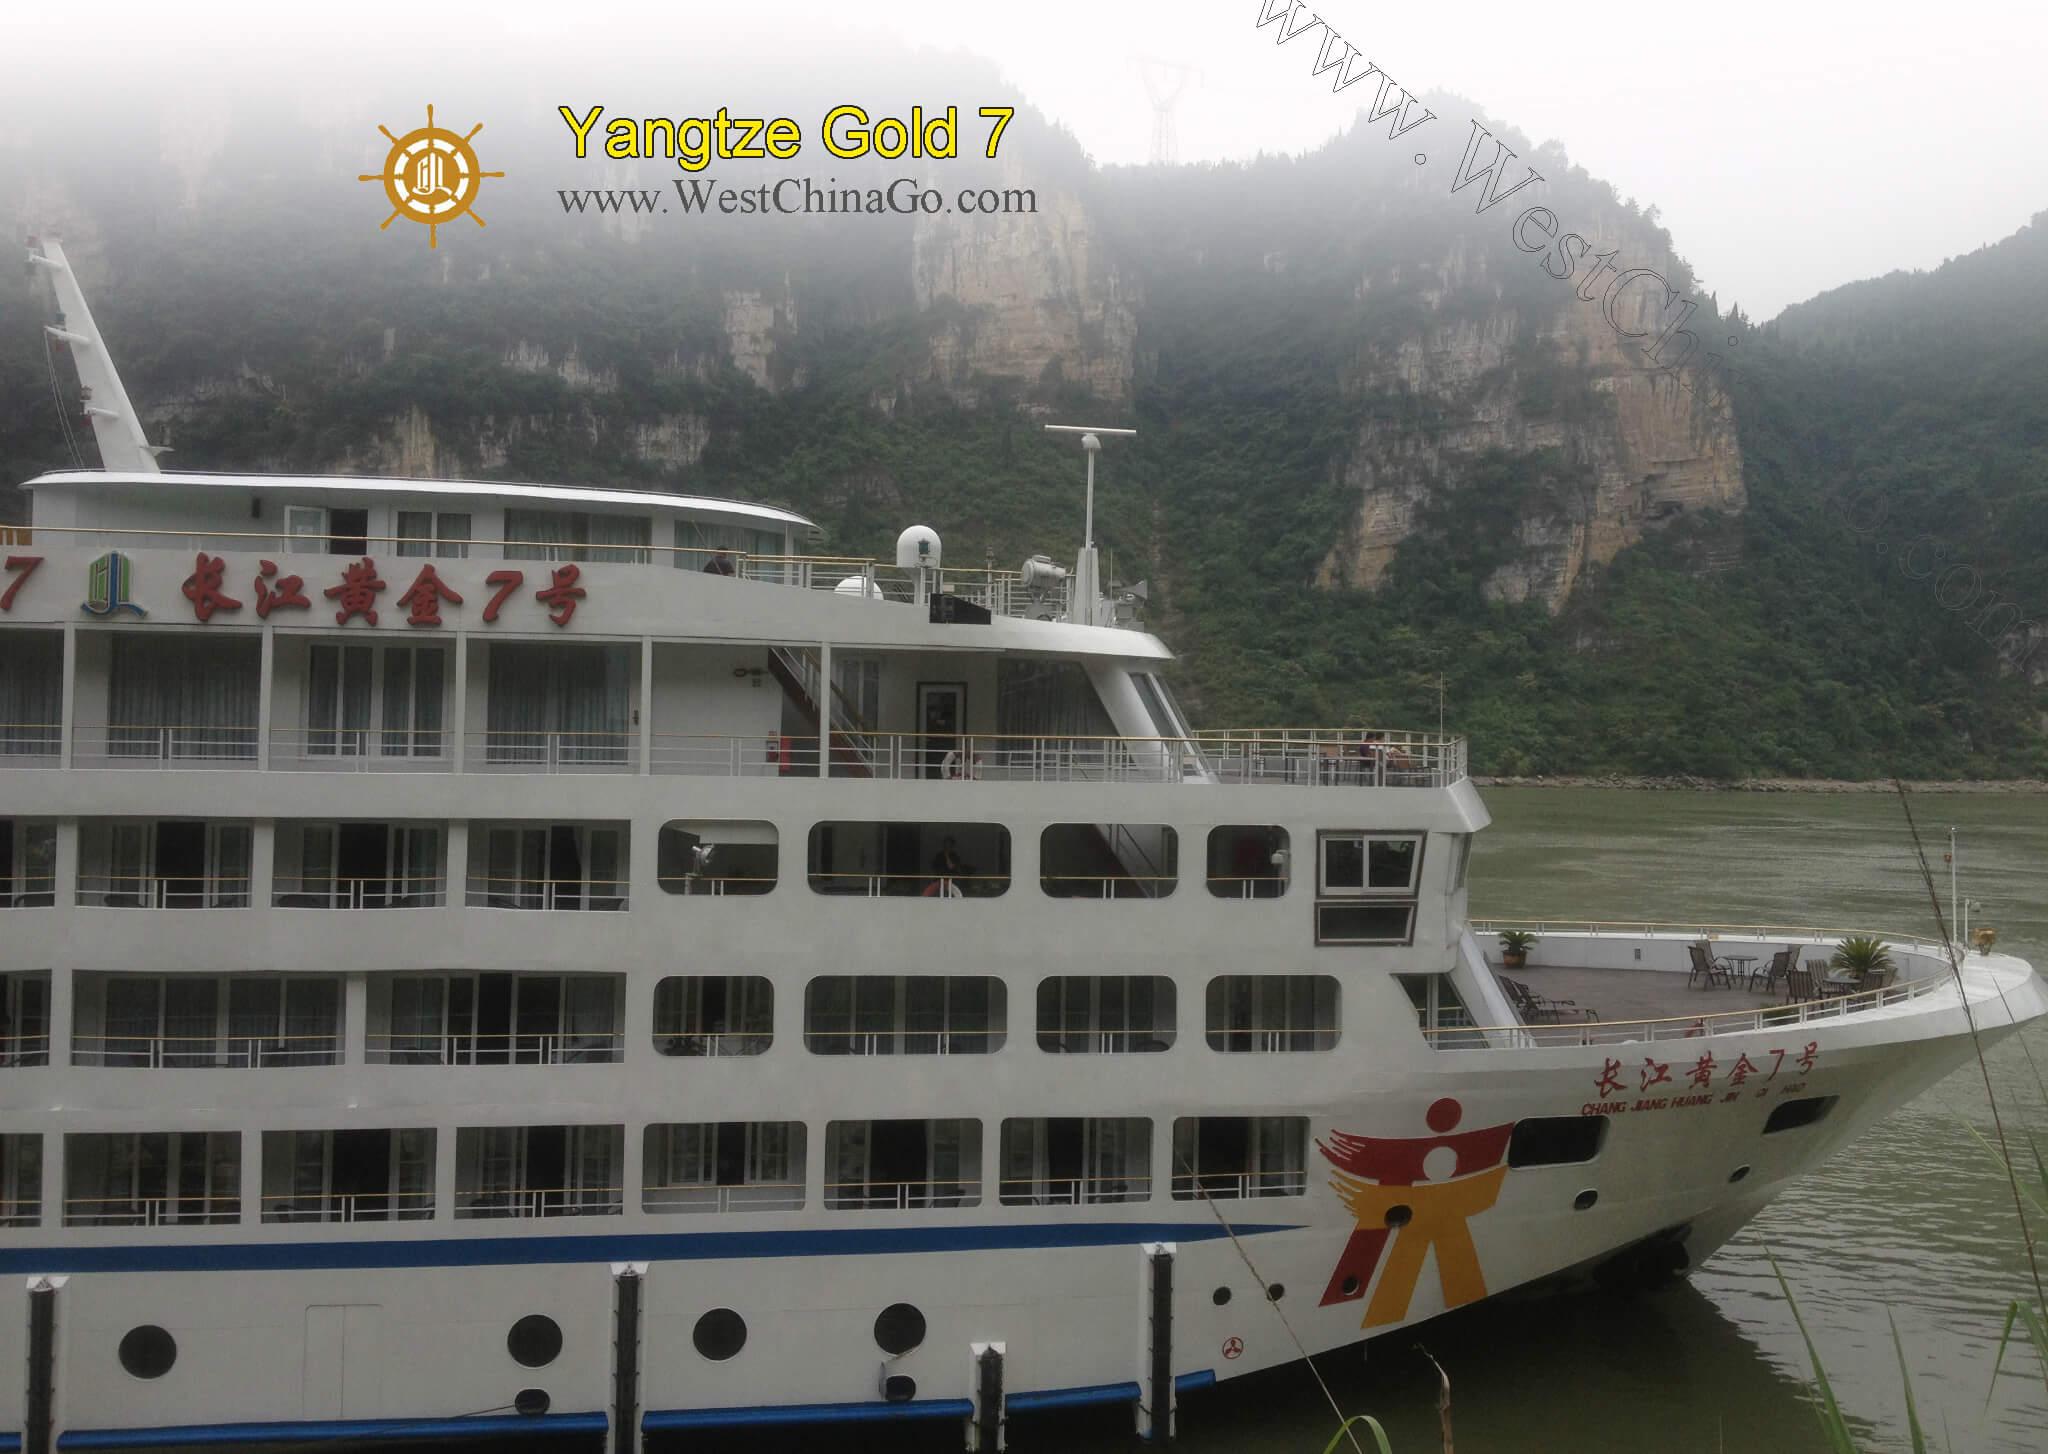 yangtze river cruise gold 7